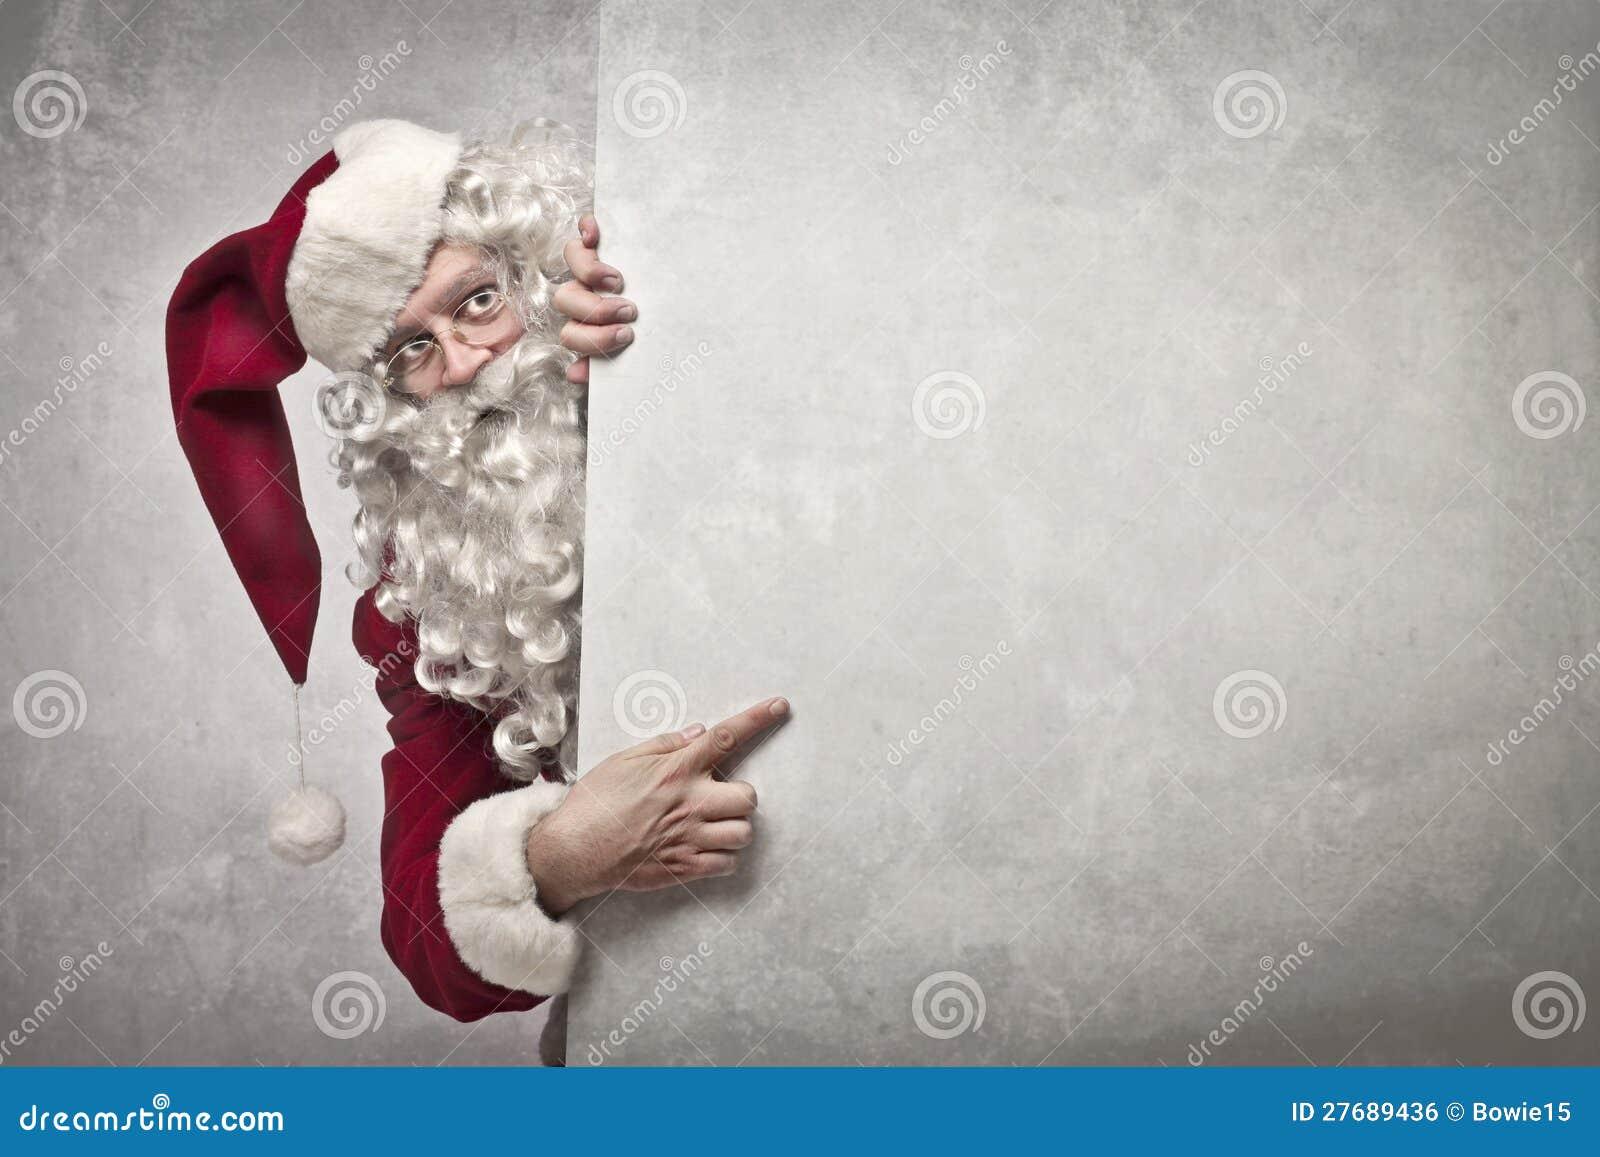 Uppvisning av Santa Claus